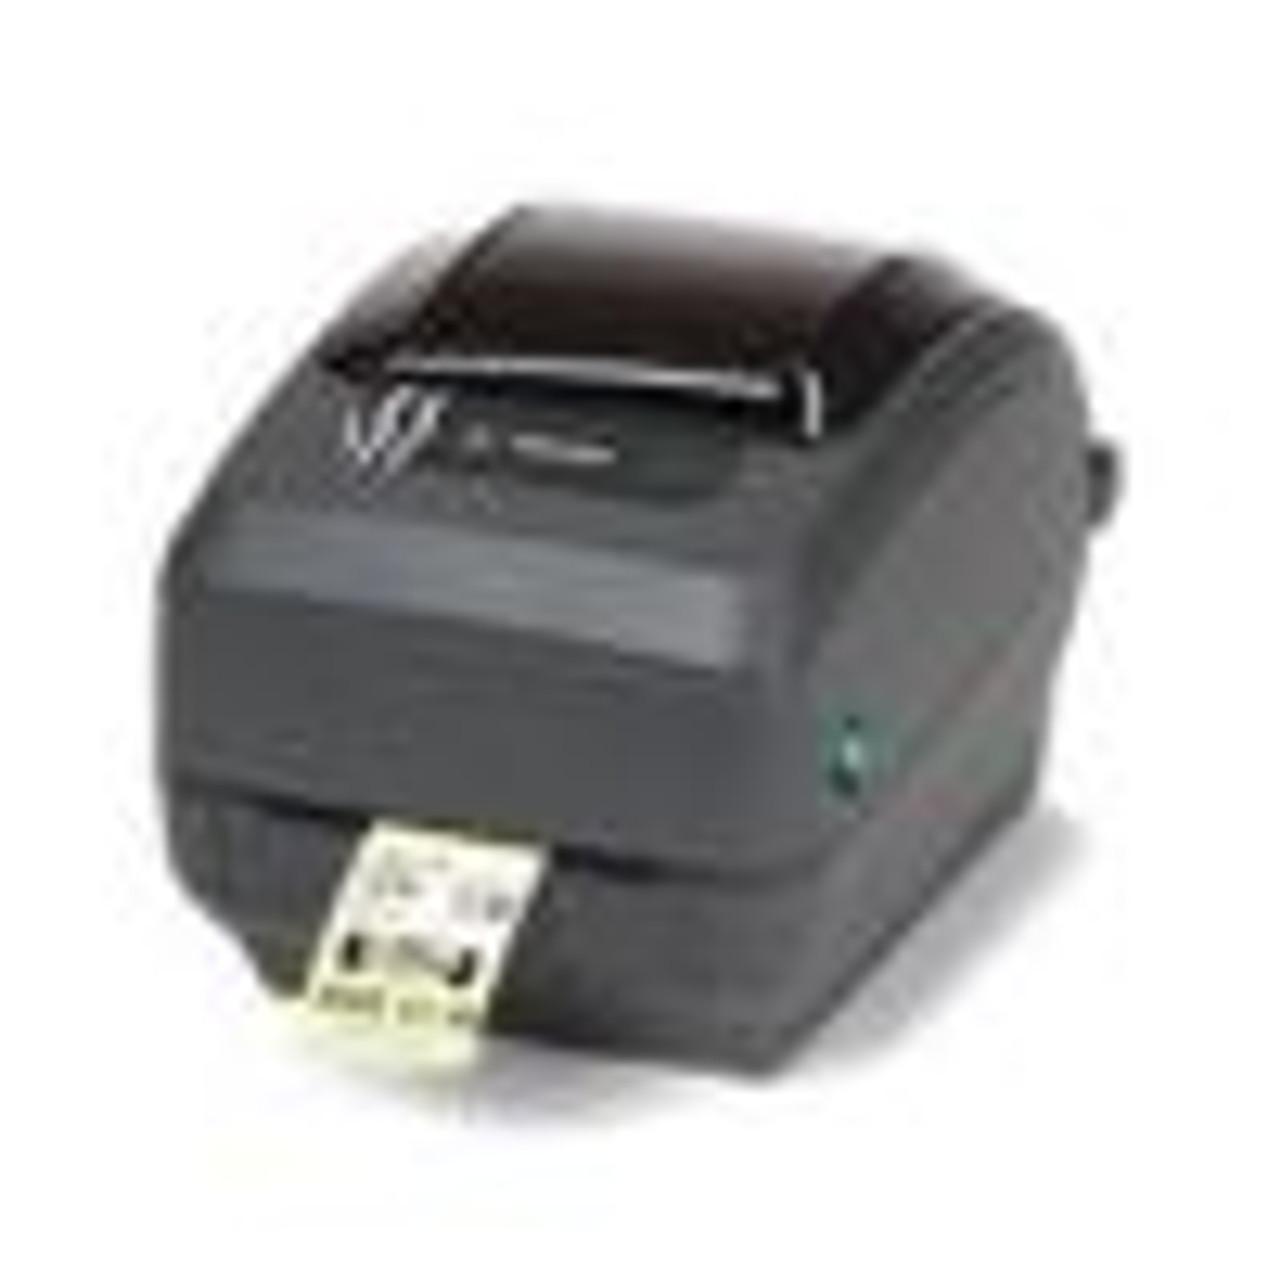 GK420D Printers